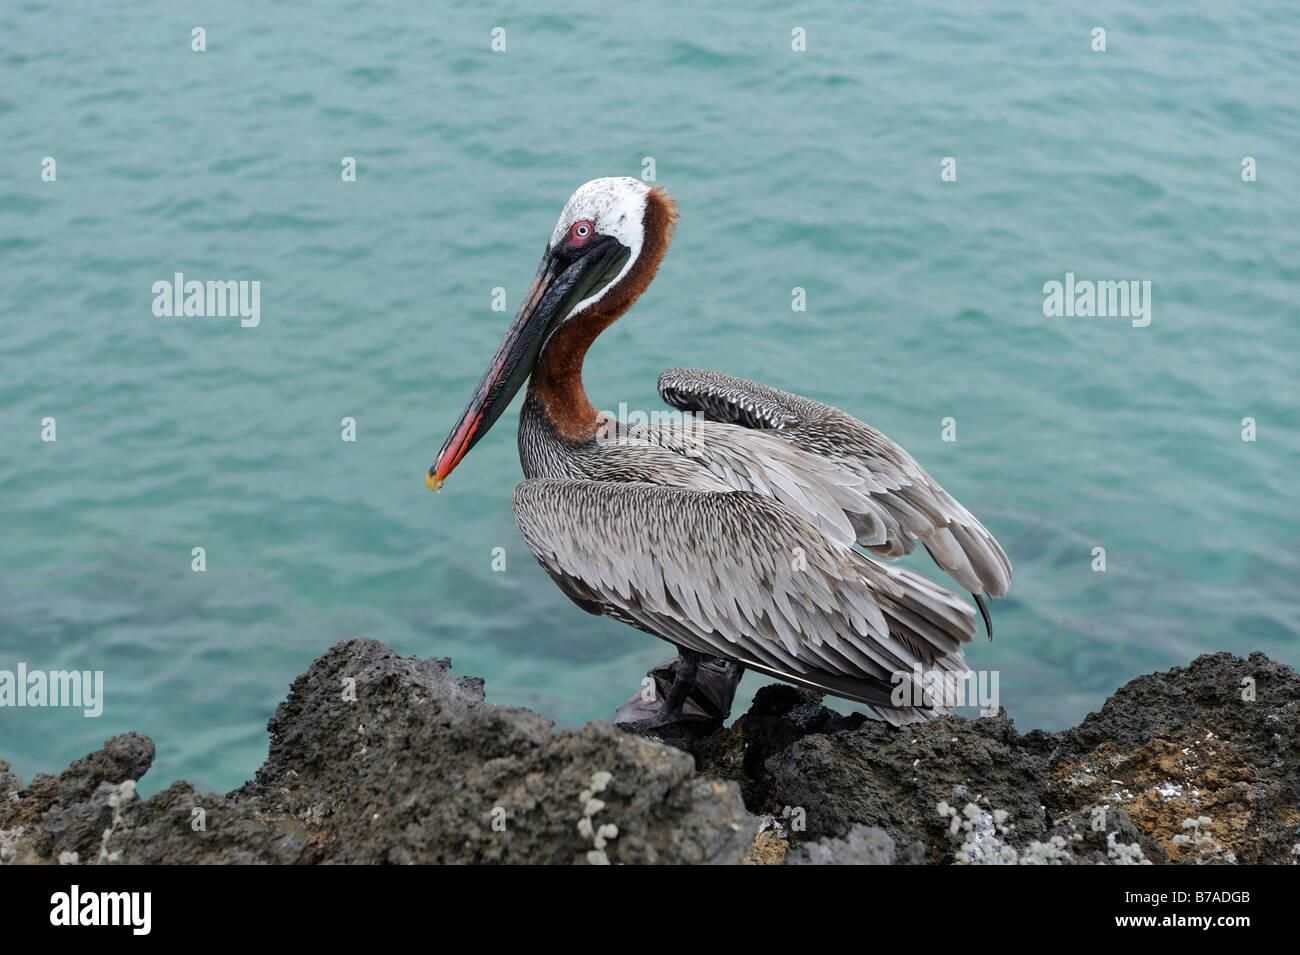 Brown Pelican (Pelecanus occidentalis), Galapagos Islands, Ecuador, South America - Stock Image